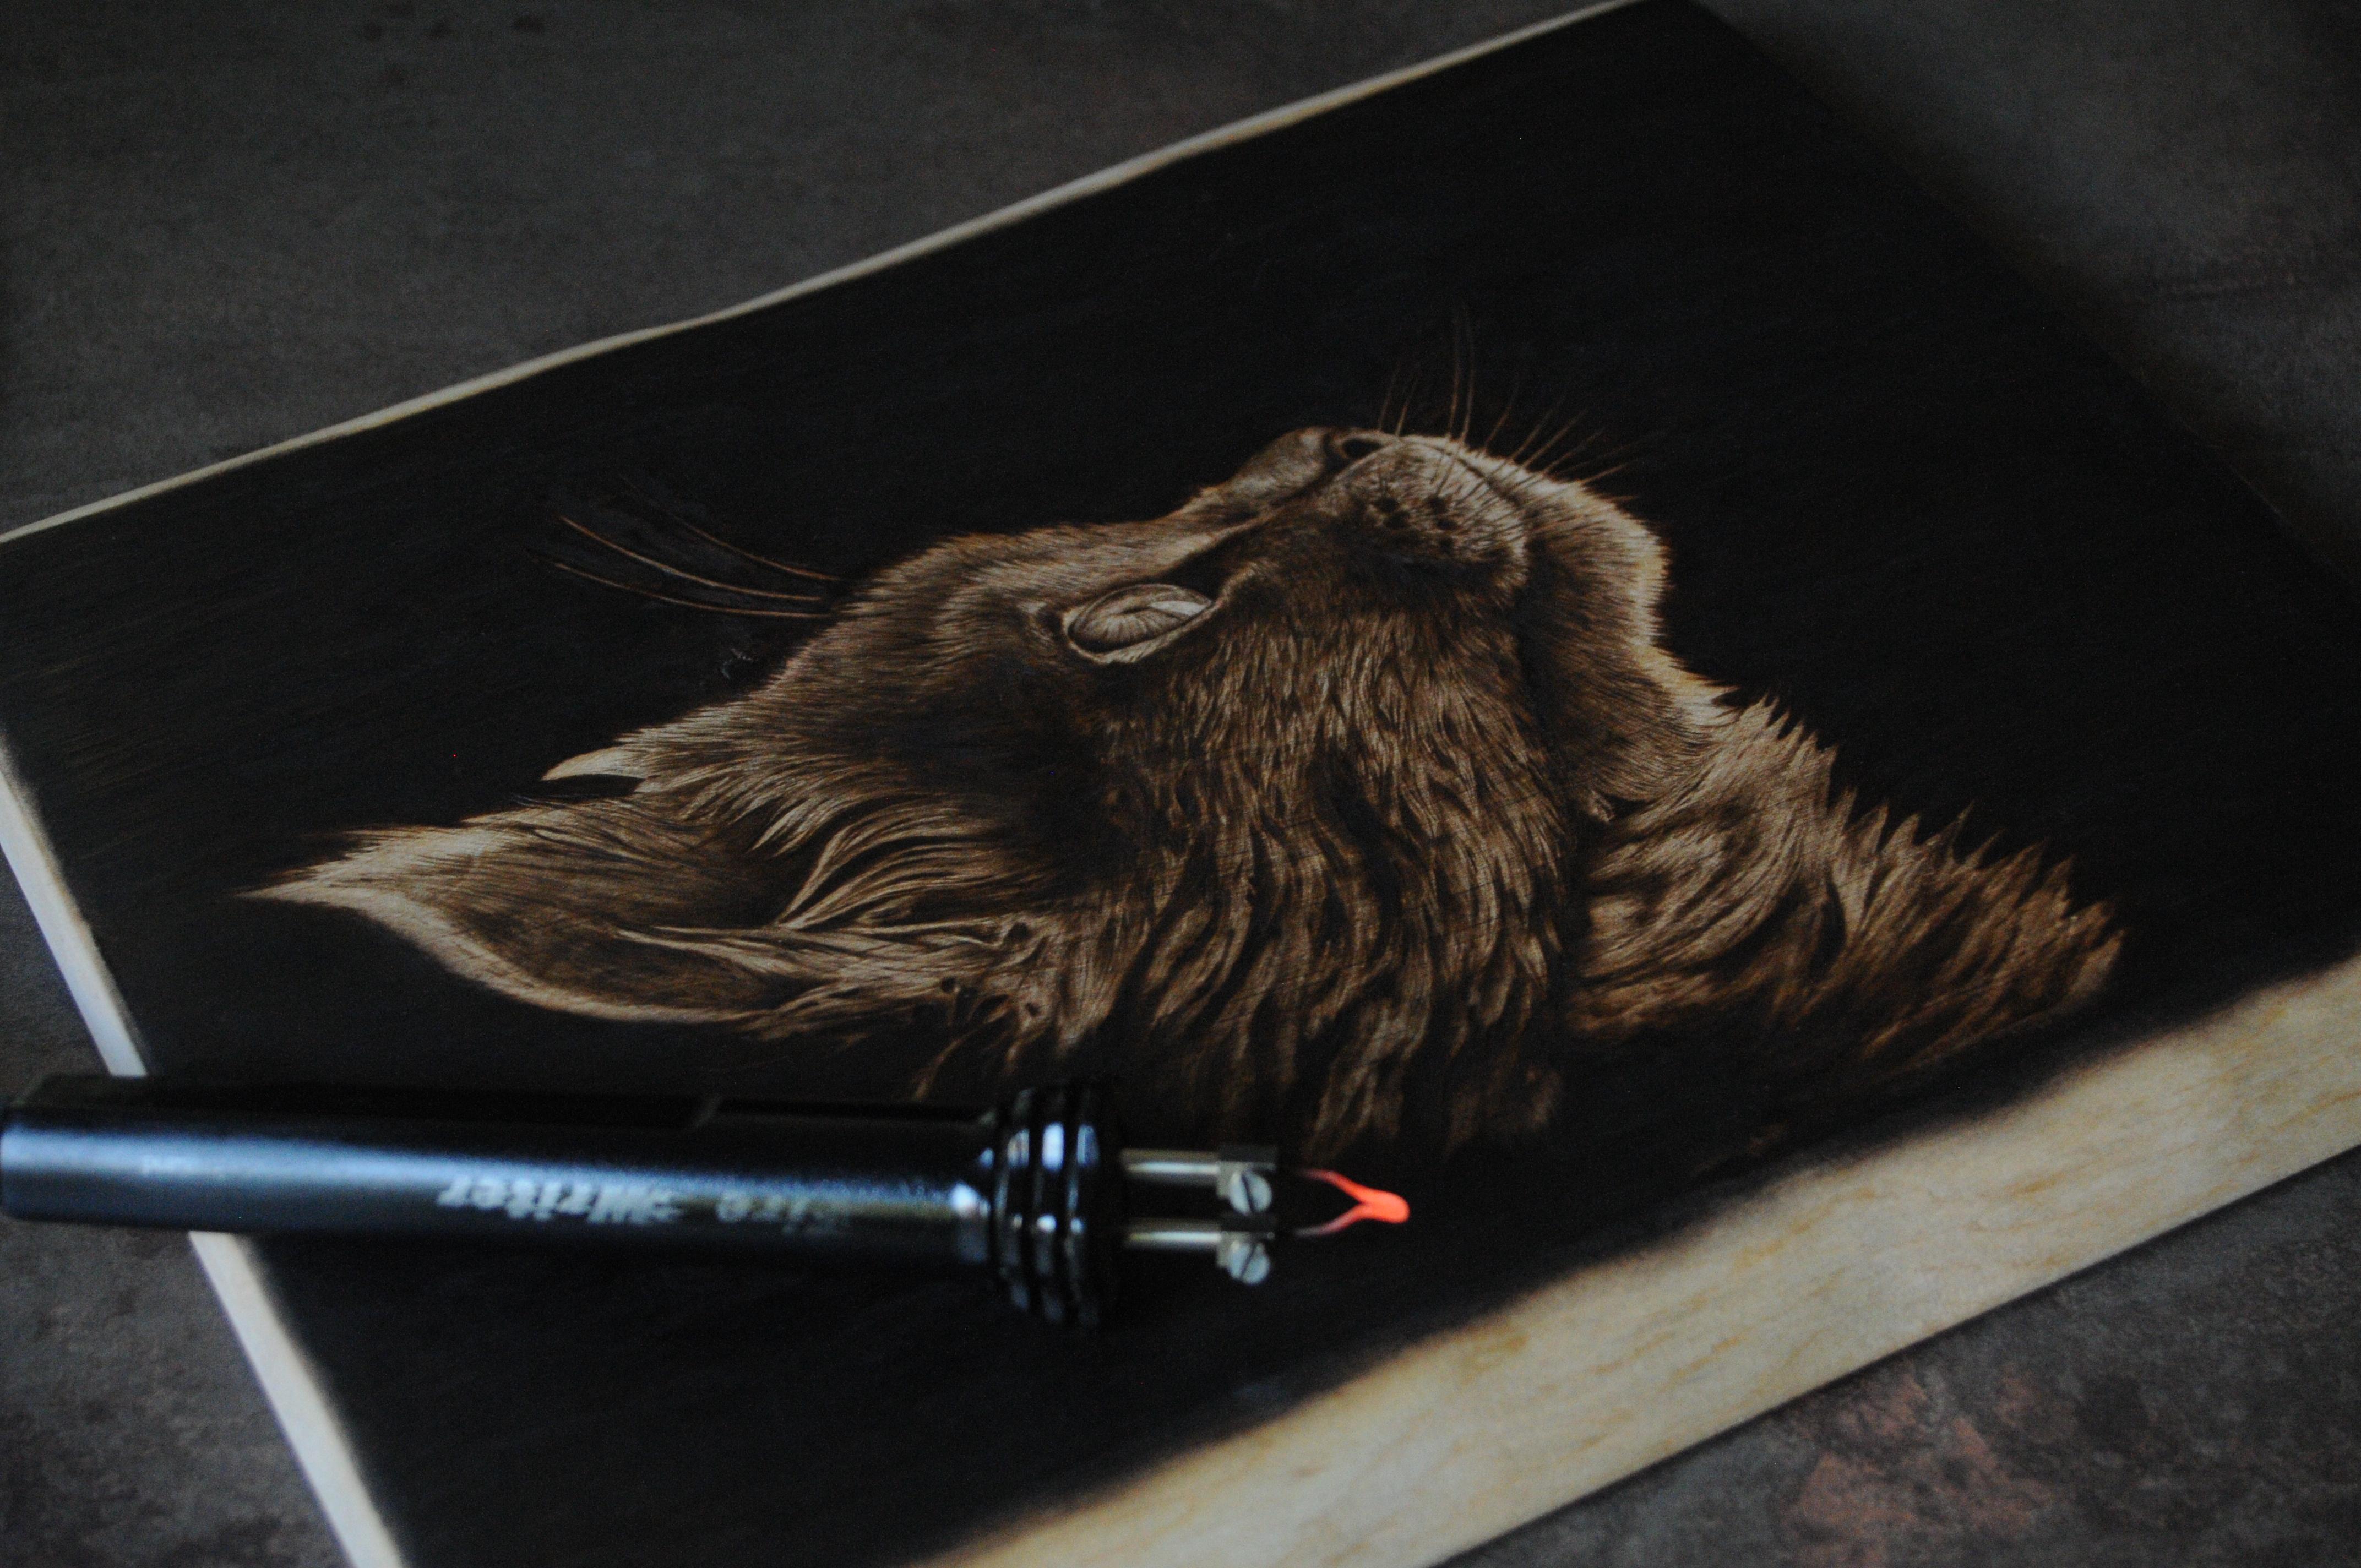 wypalanie w drewnie, sylwia, pirografia, janczyszyn, pyrography, handmade, rękodzieło, pomysł na prezent, portret kota